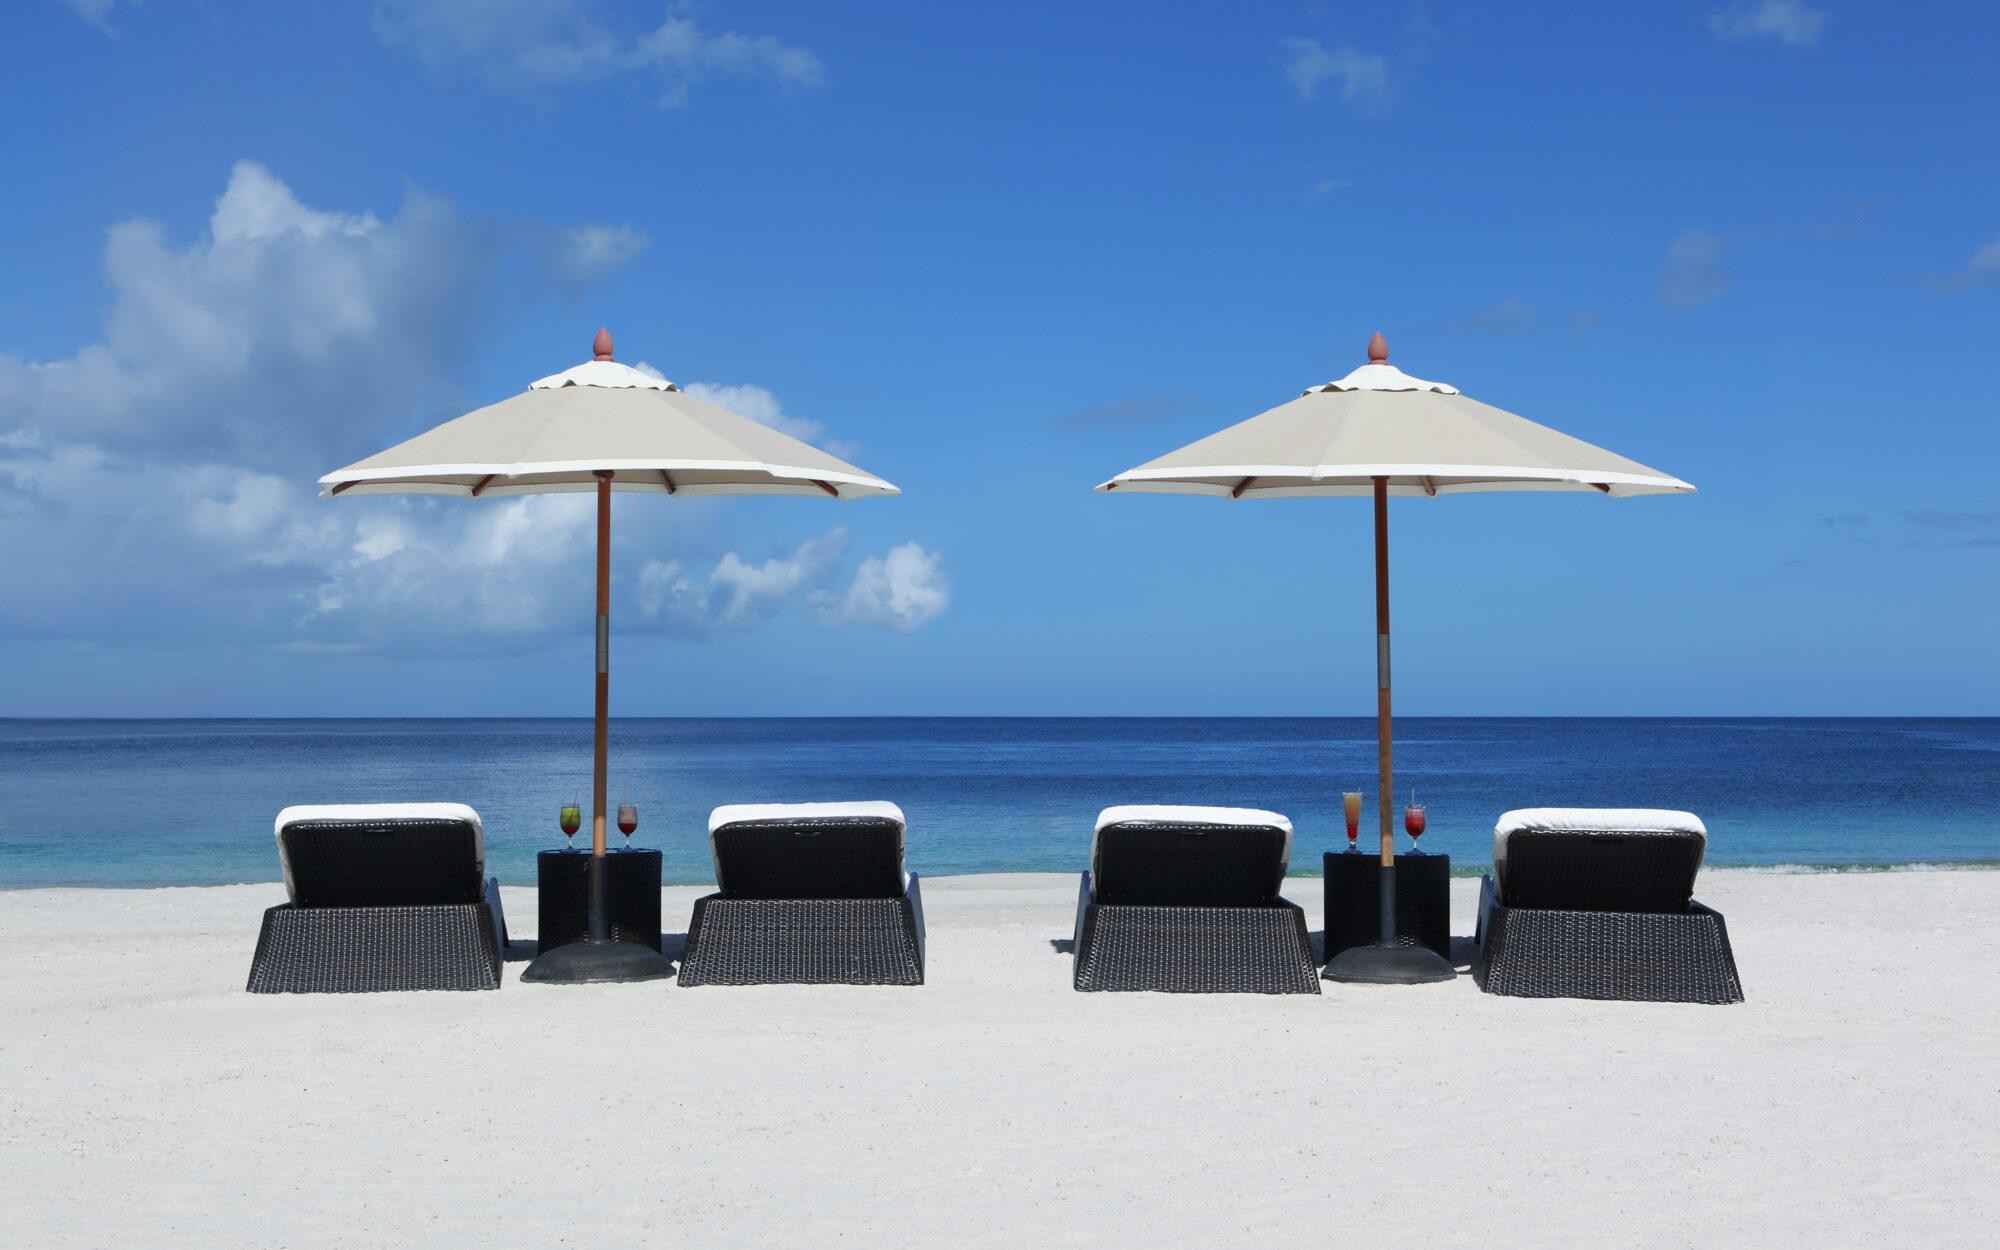 Buccament Bay Beach Fleewinter tailor-made holidays